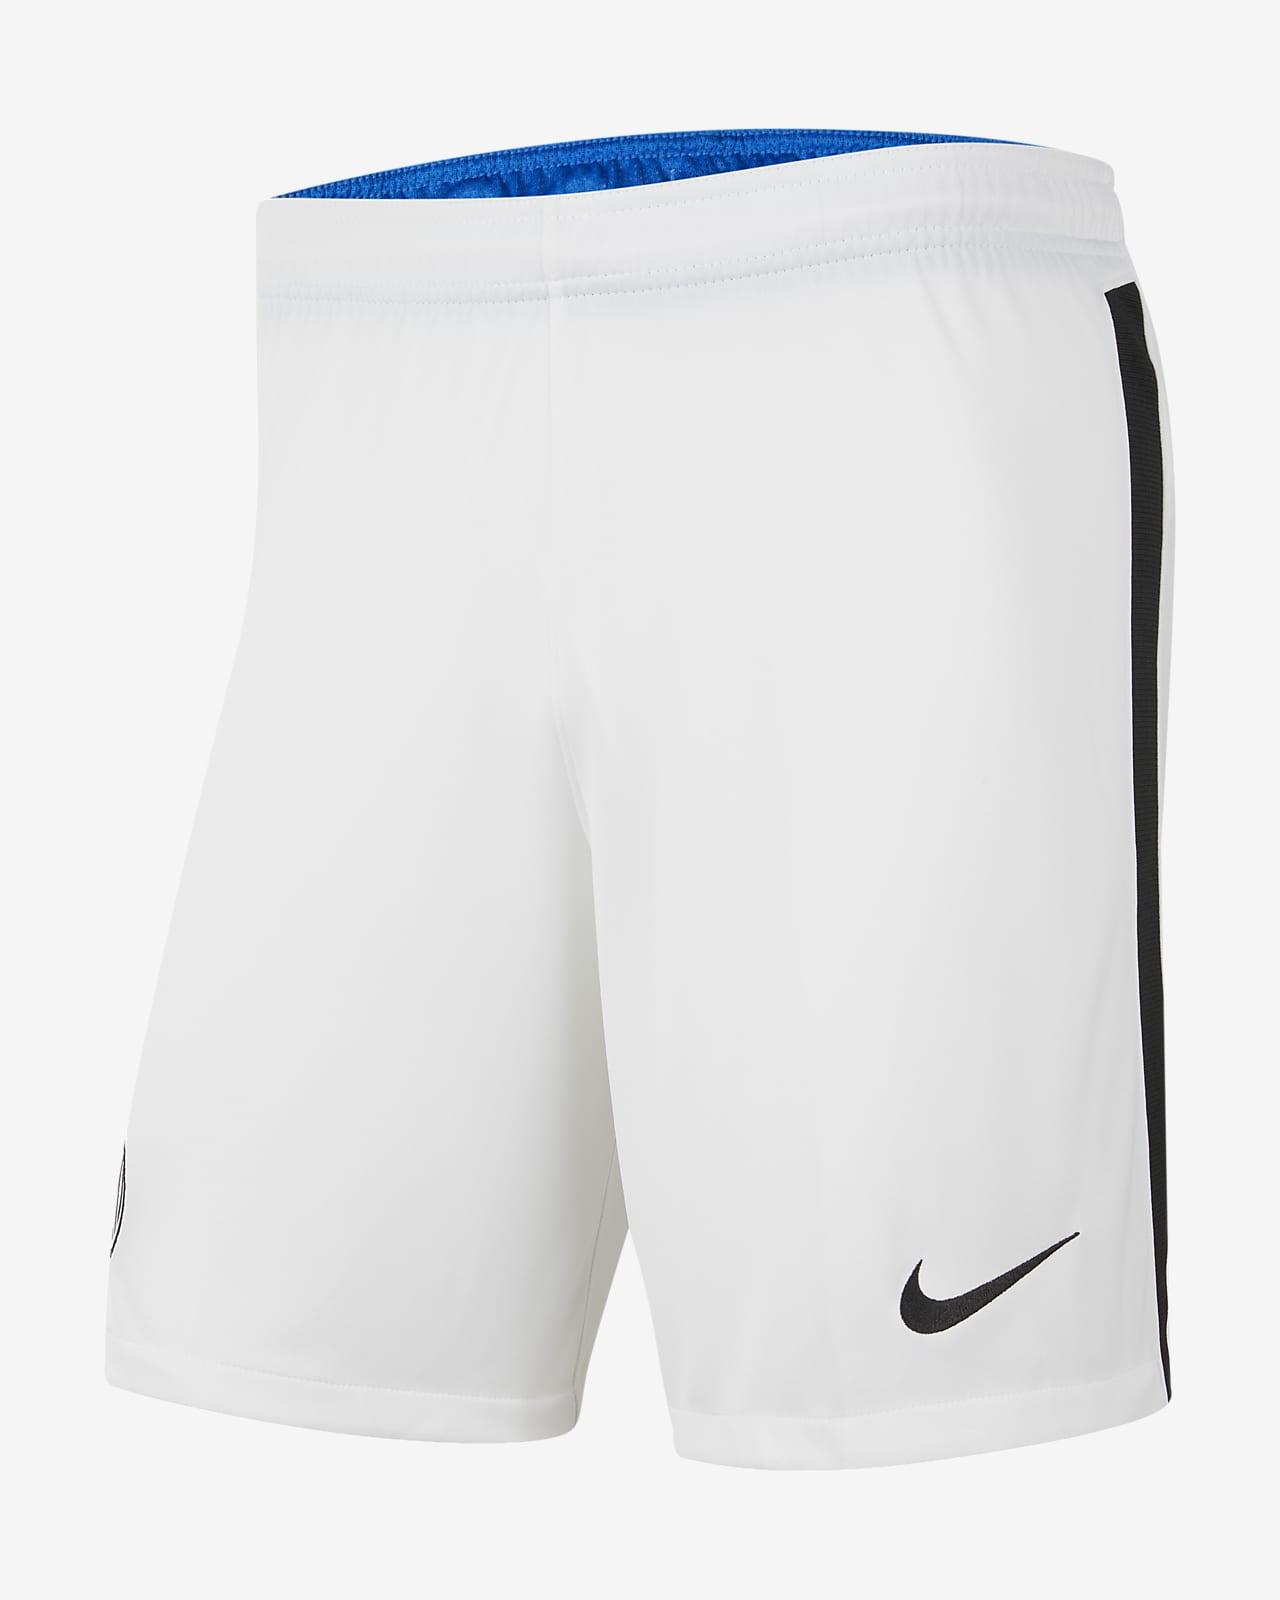 Primera y segunda equipación Stadium Inter de Milán 2021/22 Pantalón corto de fútbol Nike Dri-FIT - Hombre